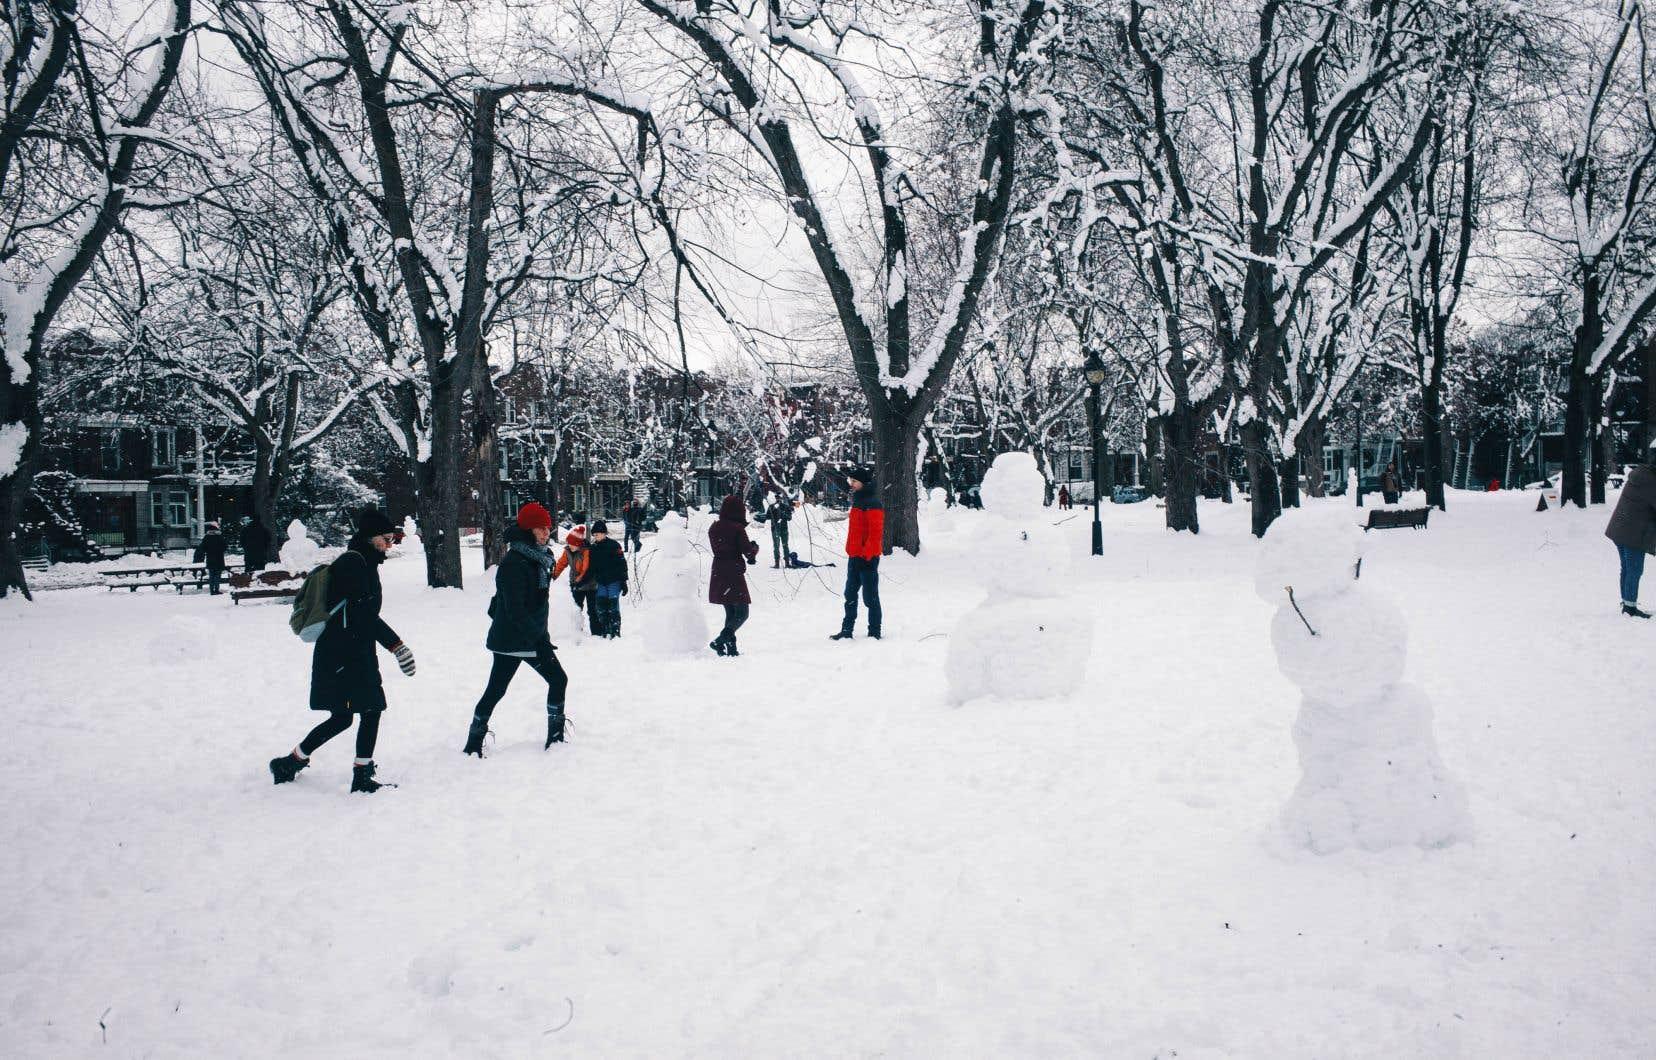 Bon nombre d'établissements scolaires sont fermés pour la journée du 16 février.